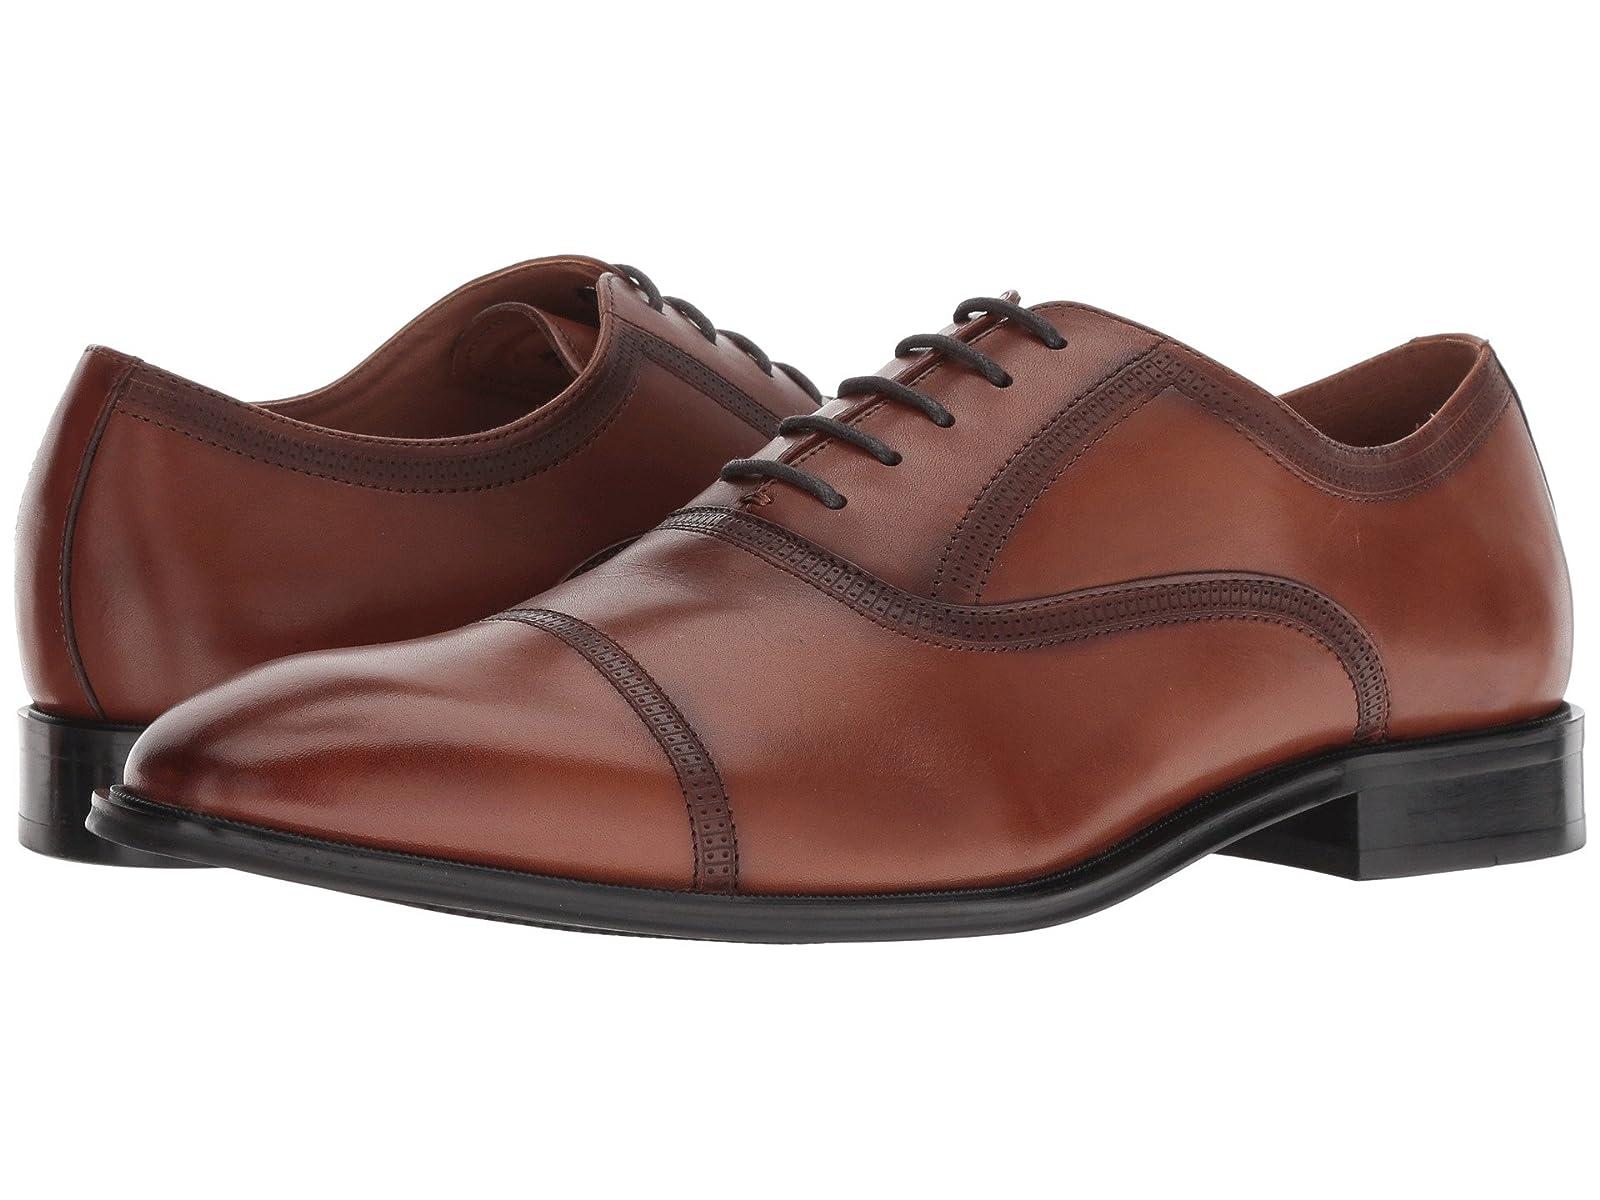 Steve Madden MantraAtmospheric grades have affordable shoes